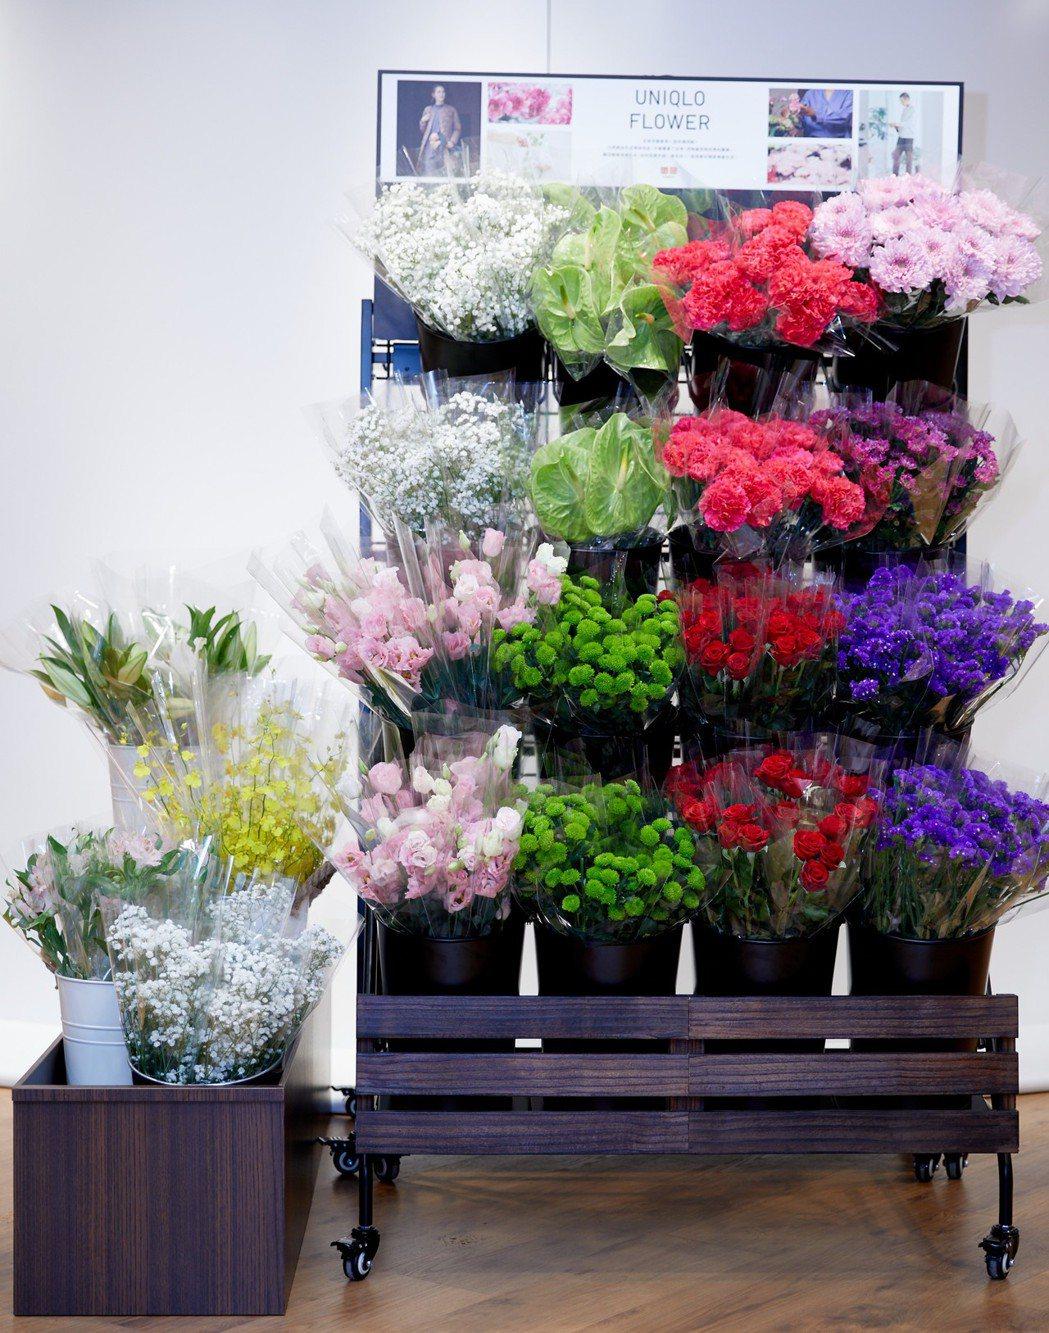 品牌代言人徐若瑄力推的UNIQLO花店。圖/UNIQLO提供